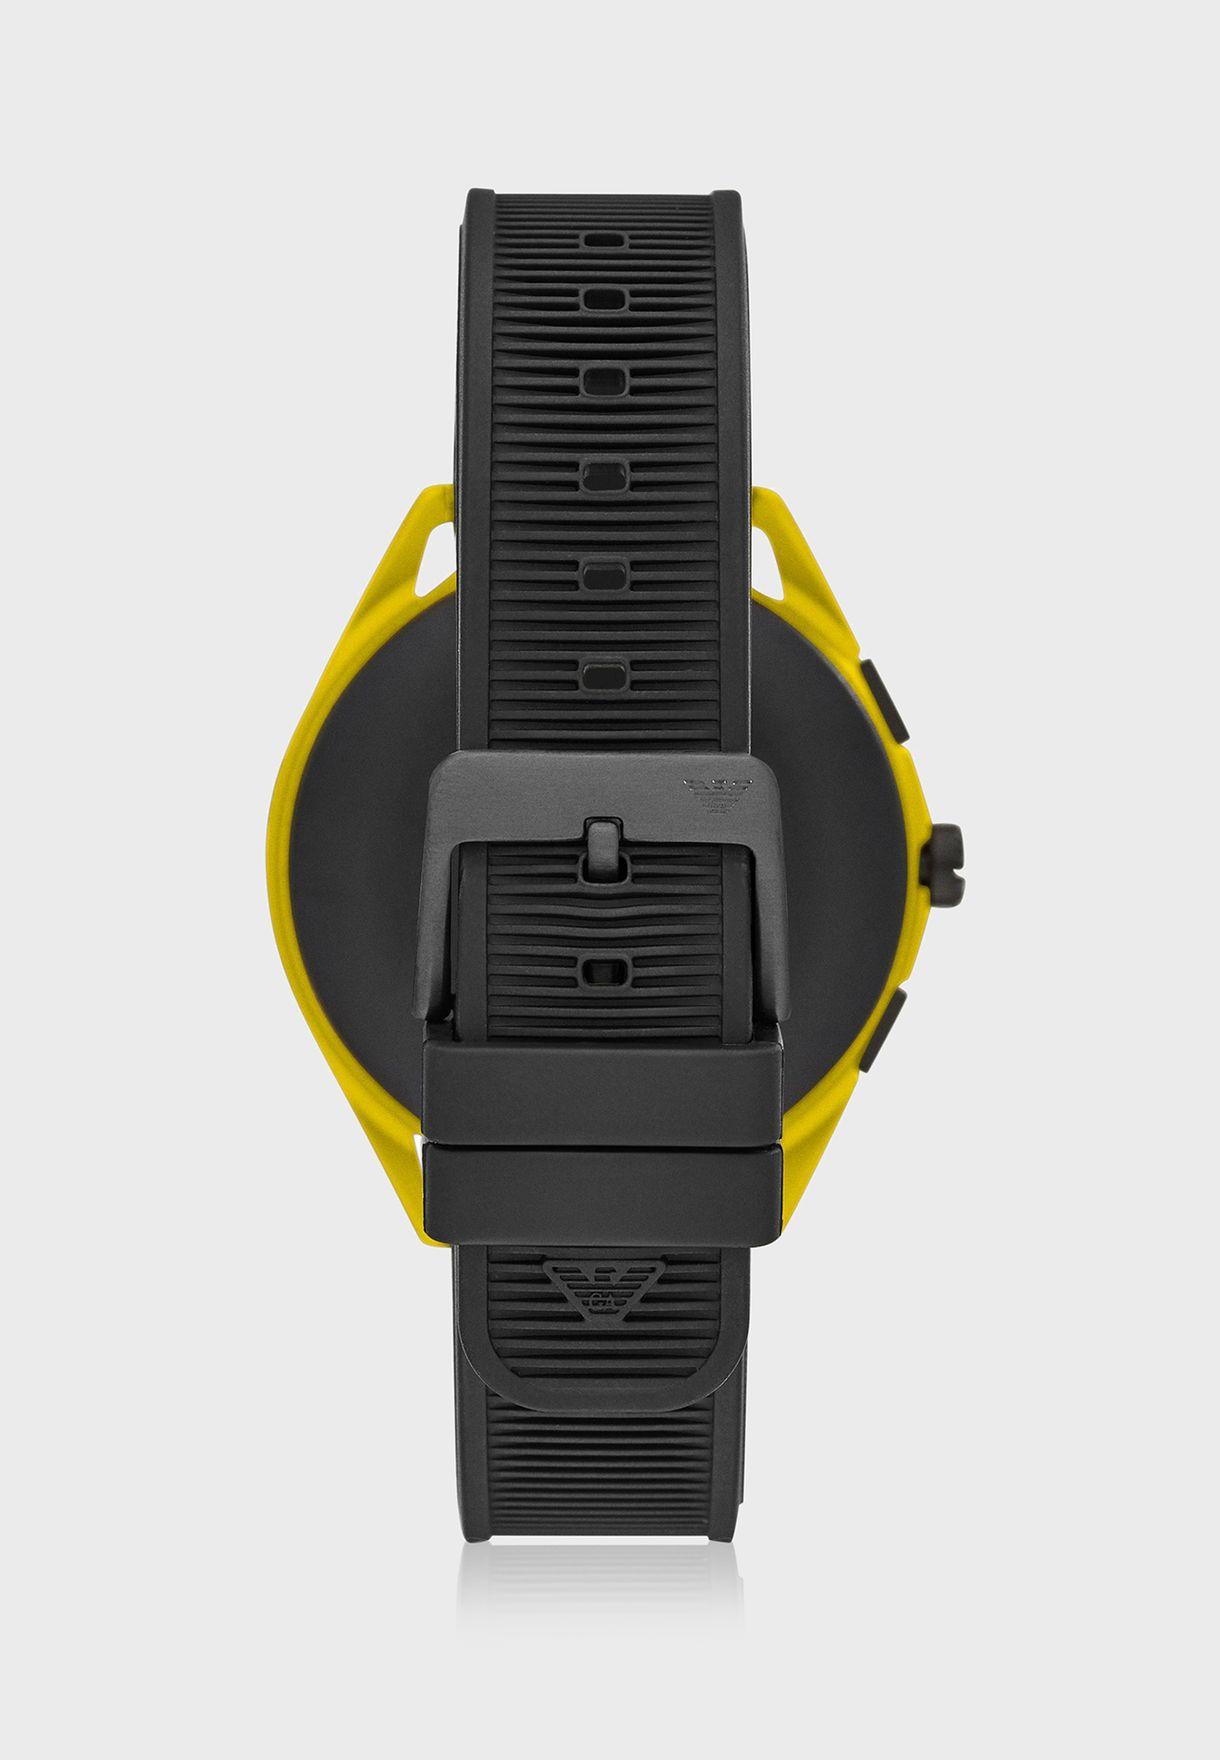 ART5022 Connected Matteo Gen 5 Smart Watch